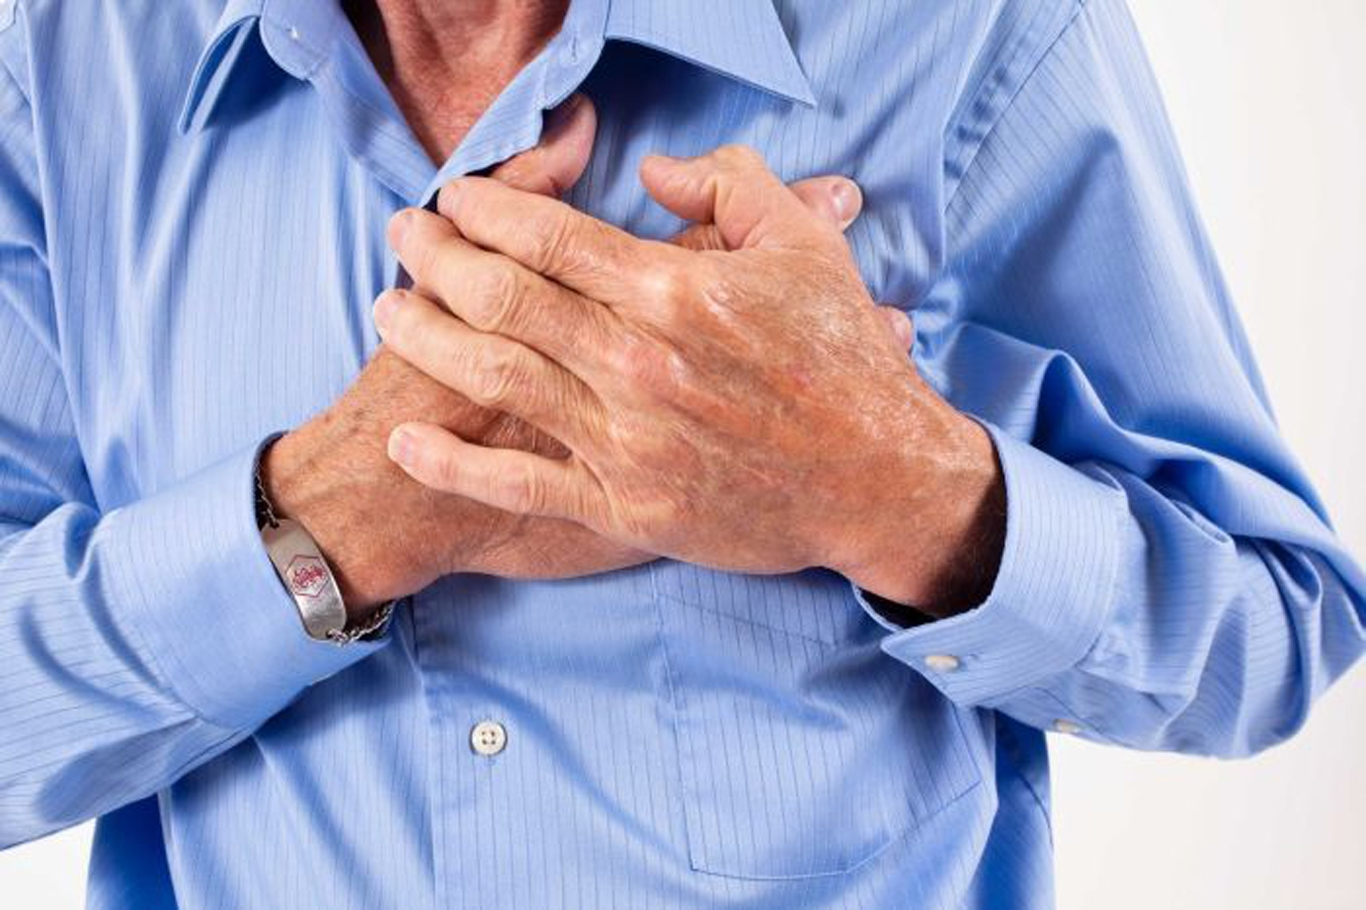 Болит сердце: что делать и пить при сильных болях 58